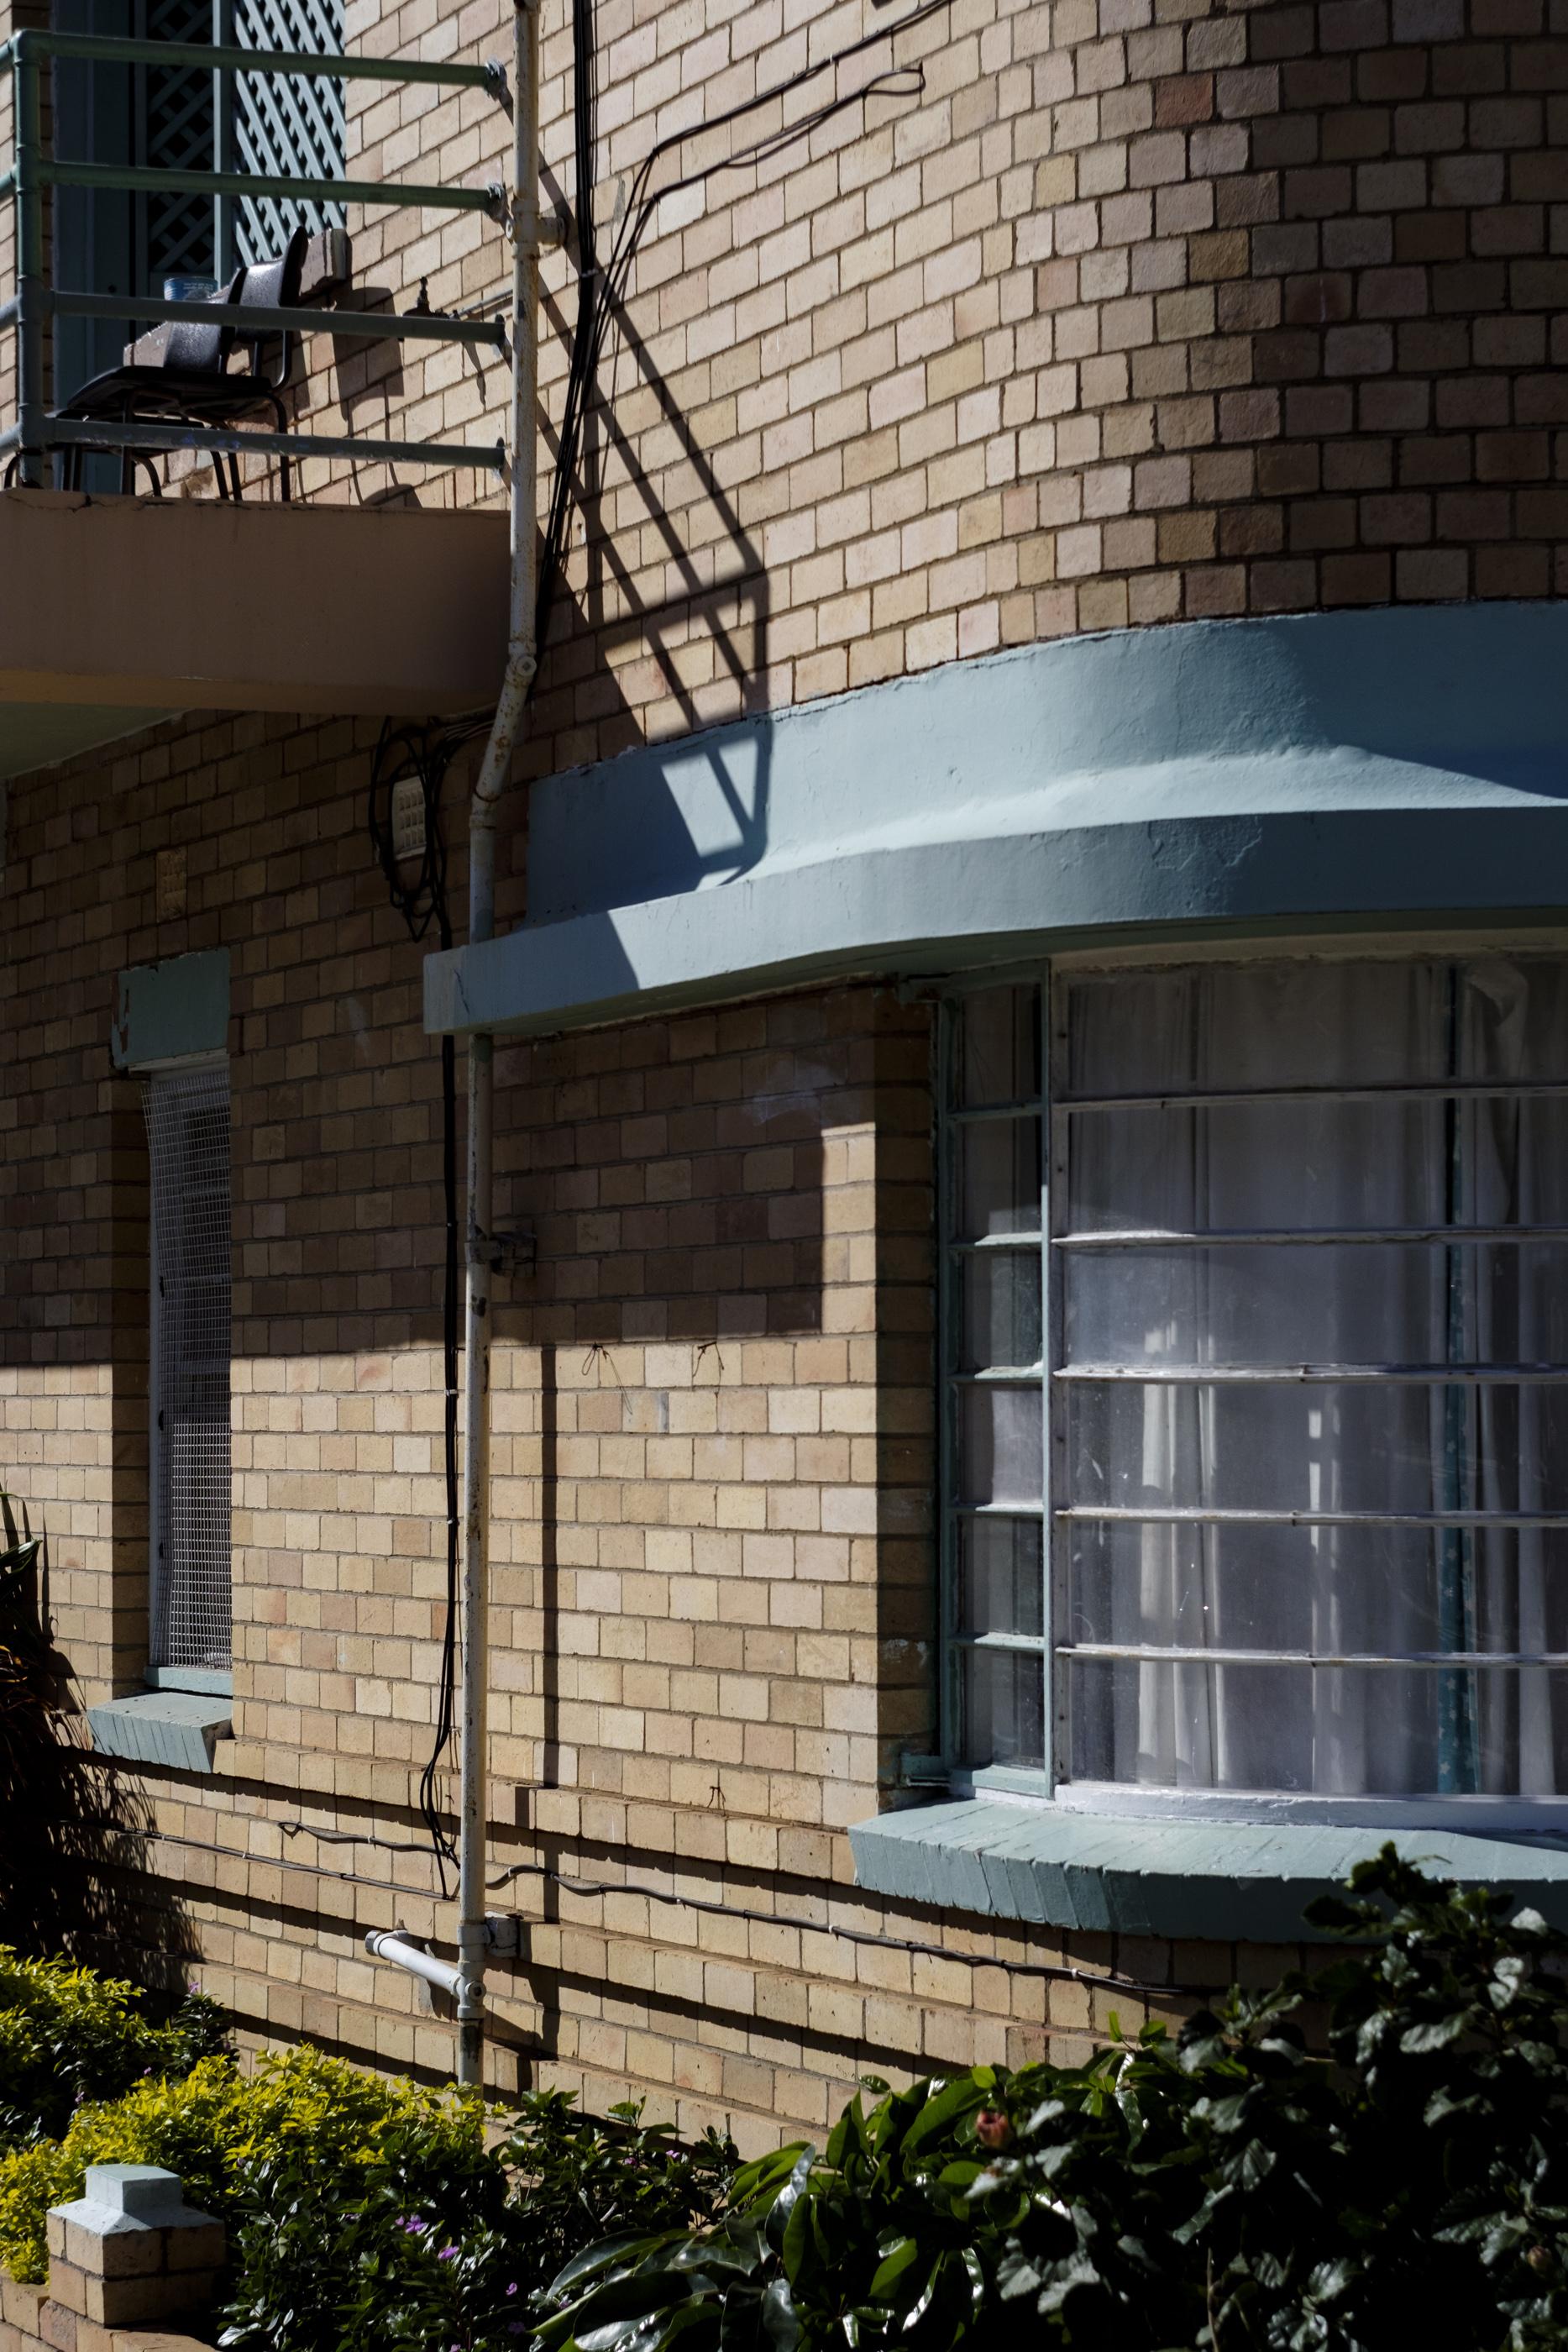 DSCF7663 place.jpg